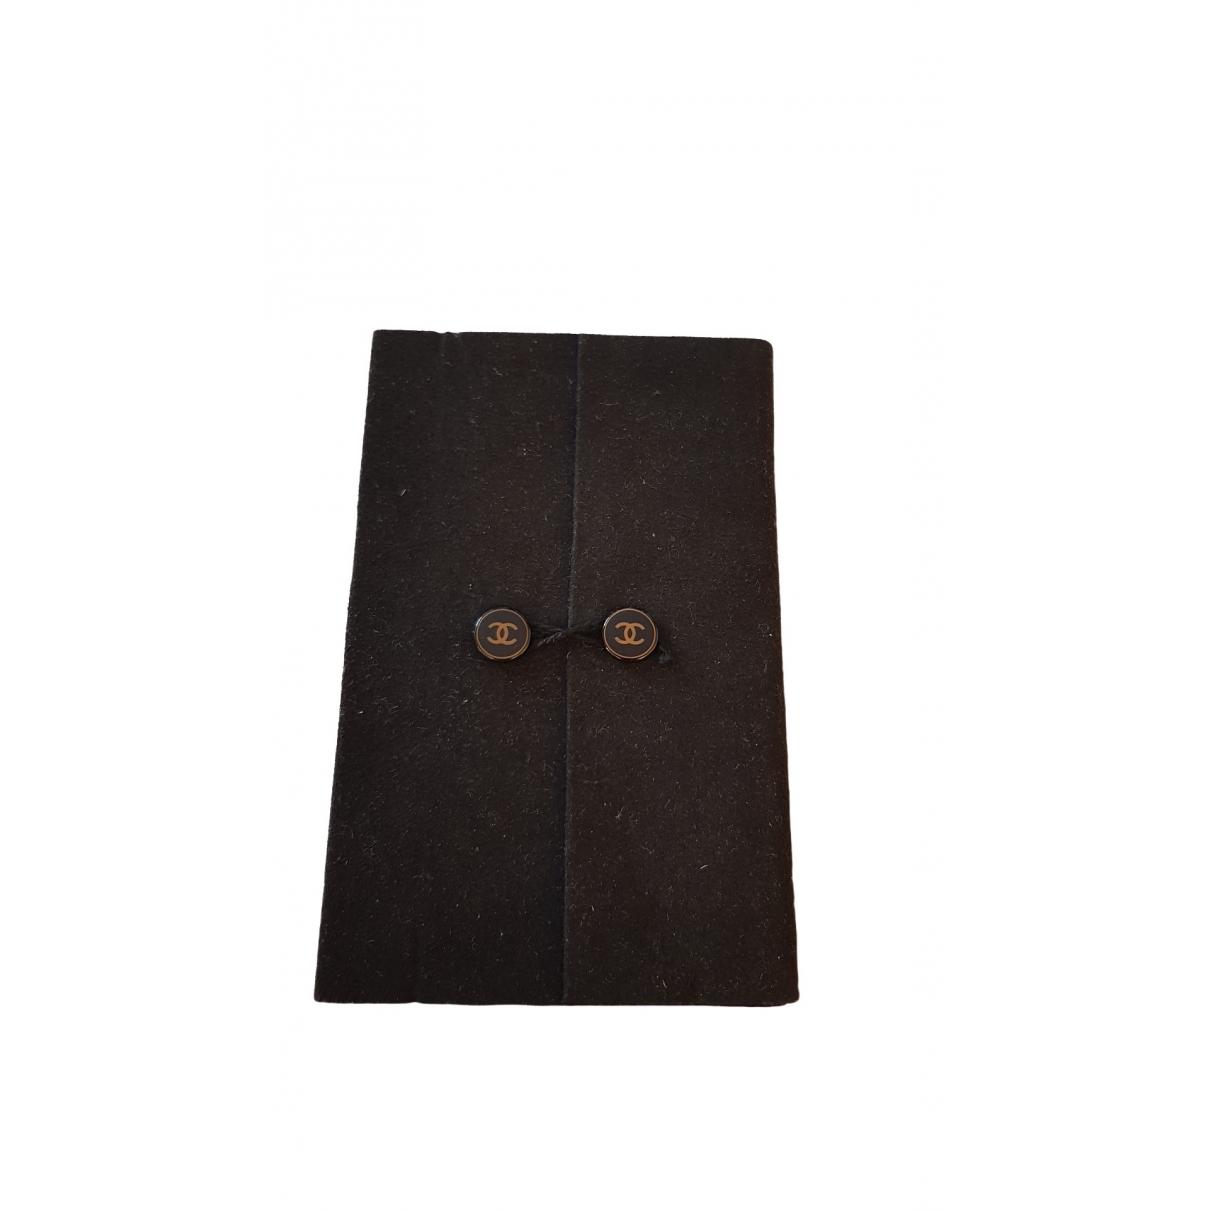 Chanel \N Accessoires und Dekoration in  Schwarz Baumwolle